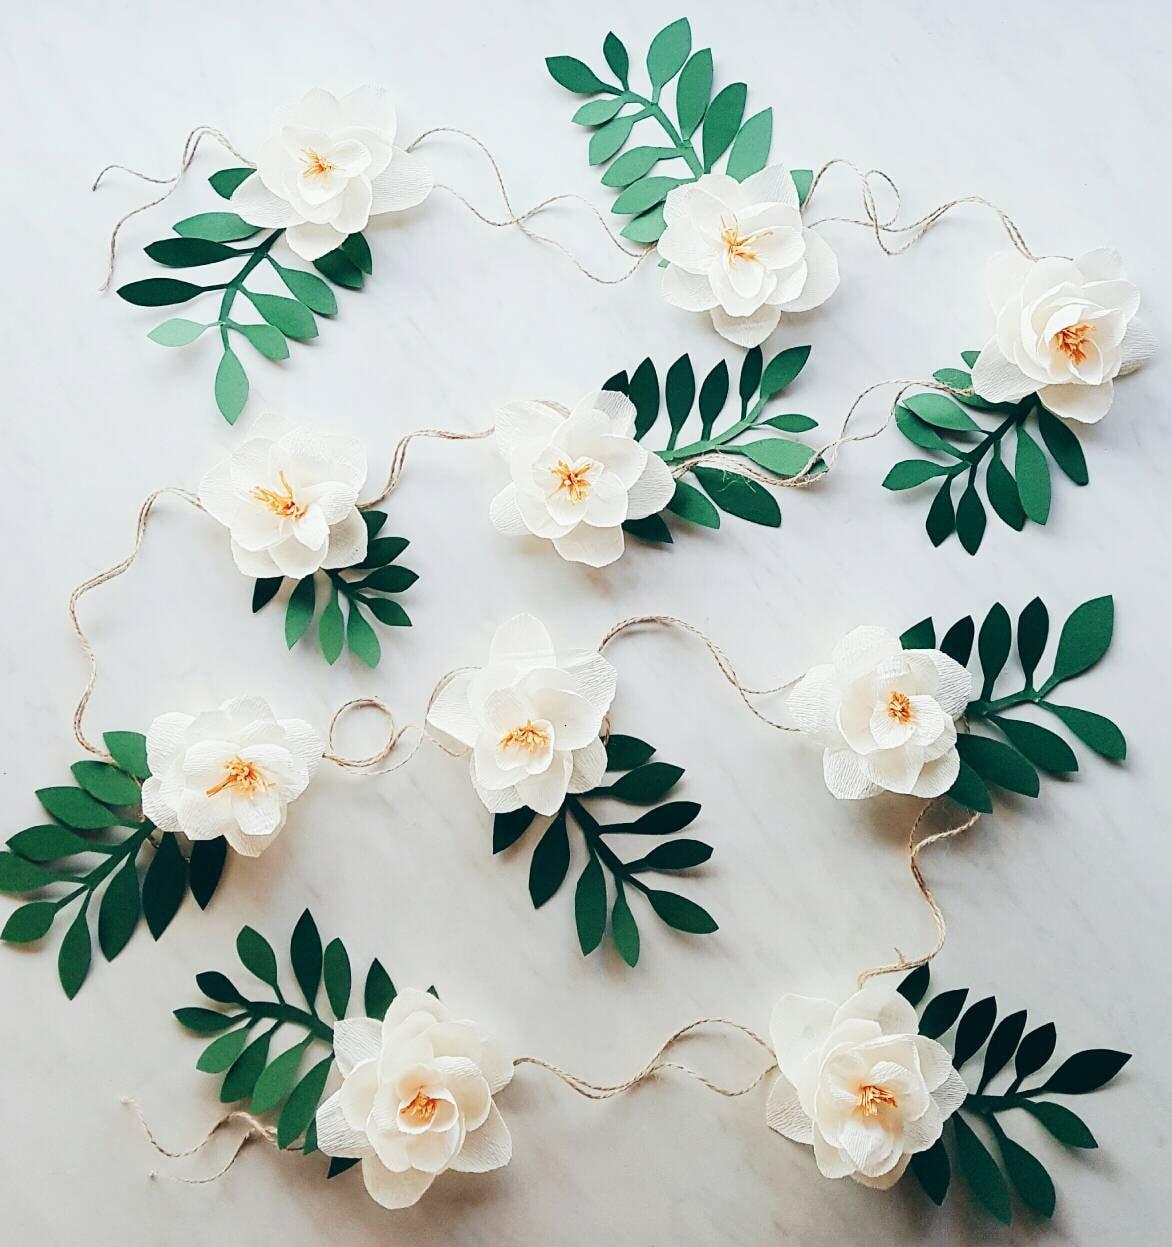 Flower Garland: Paper Flower Garland. Teepee Flowers. Crepe Paper